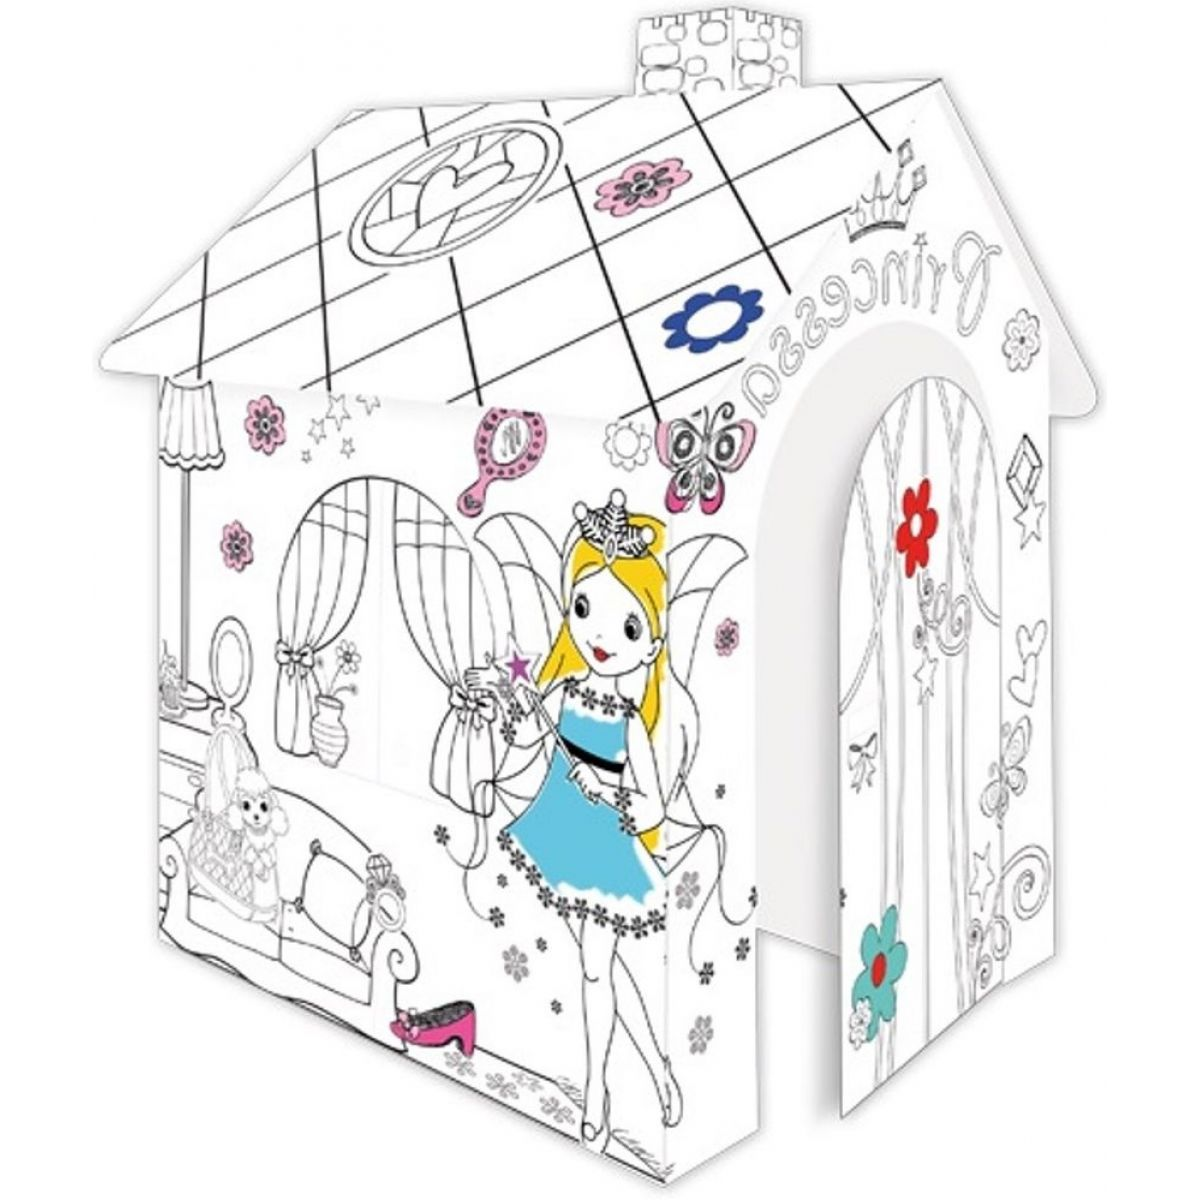 Mochtoys Papírový vymalovávací domeček Princezny